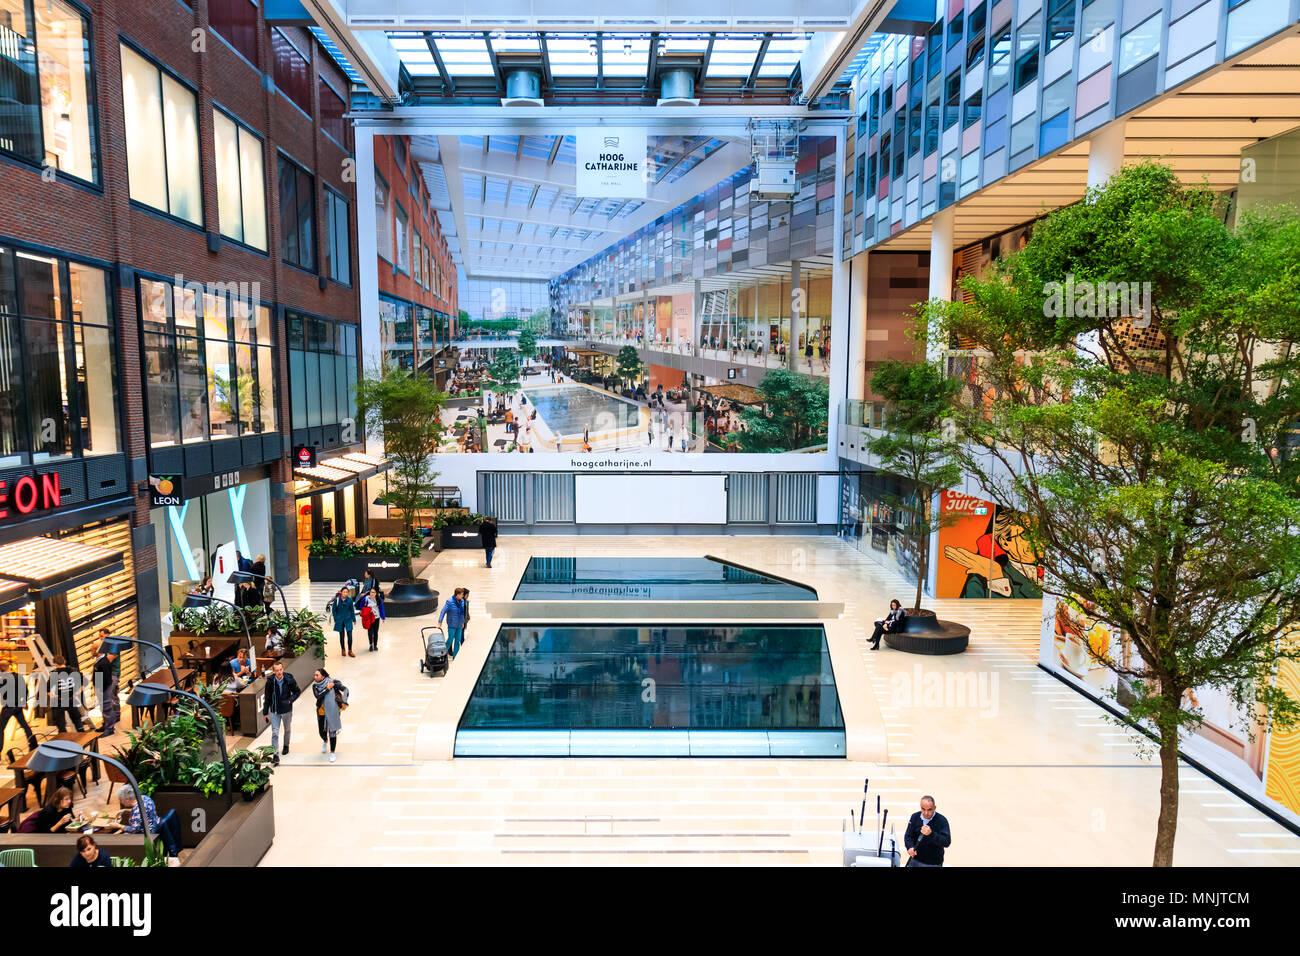 Netherlands, Utrecht, 16 November 2017 - Hoog Catharijne Shopping Mall In  Utrecht